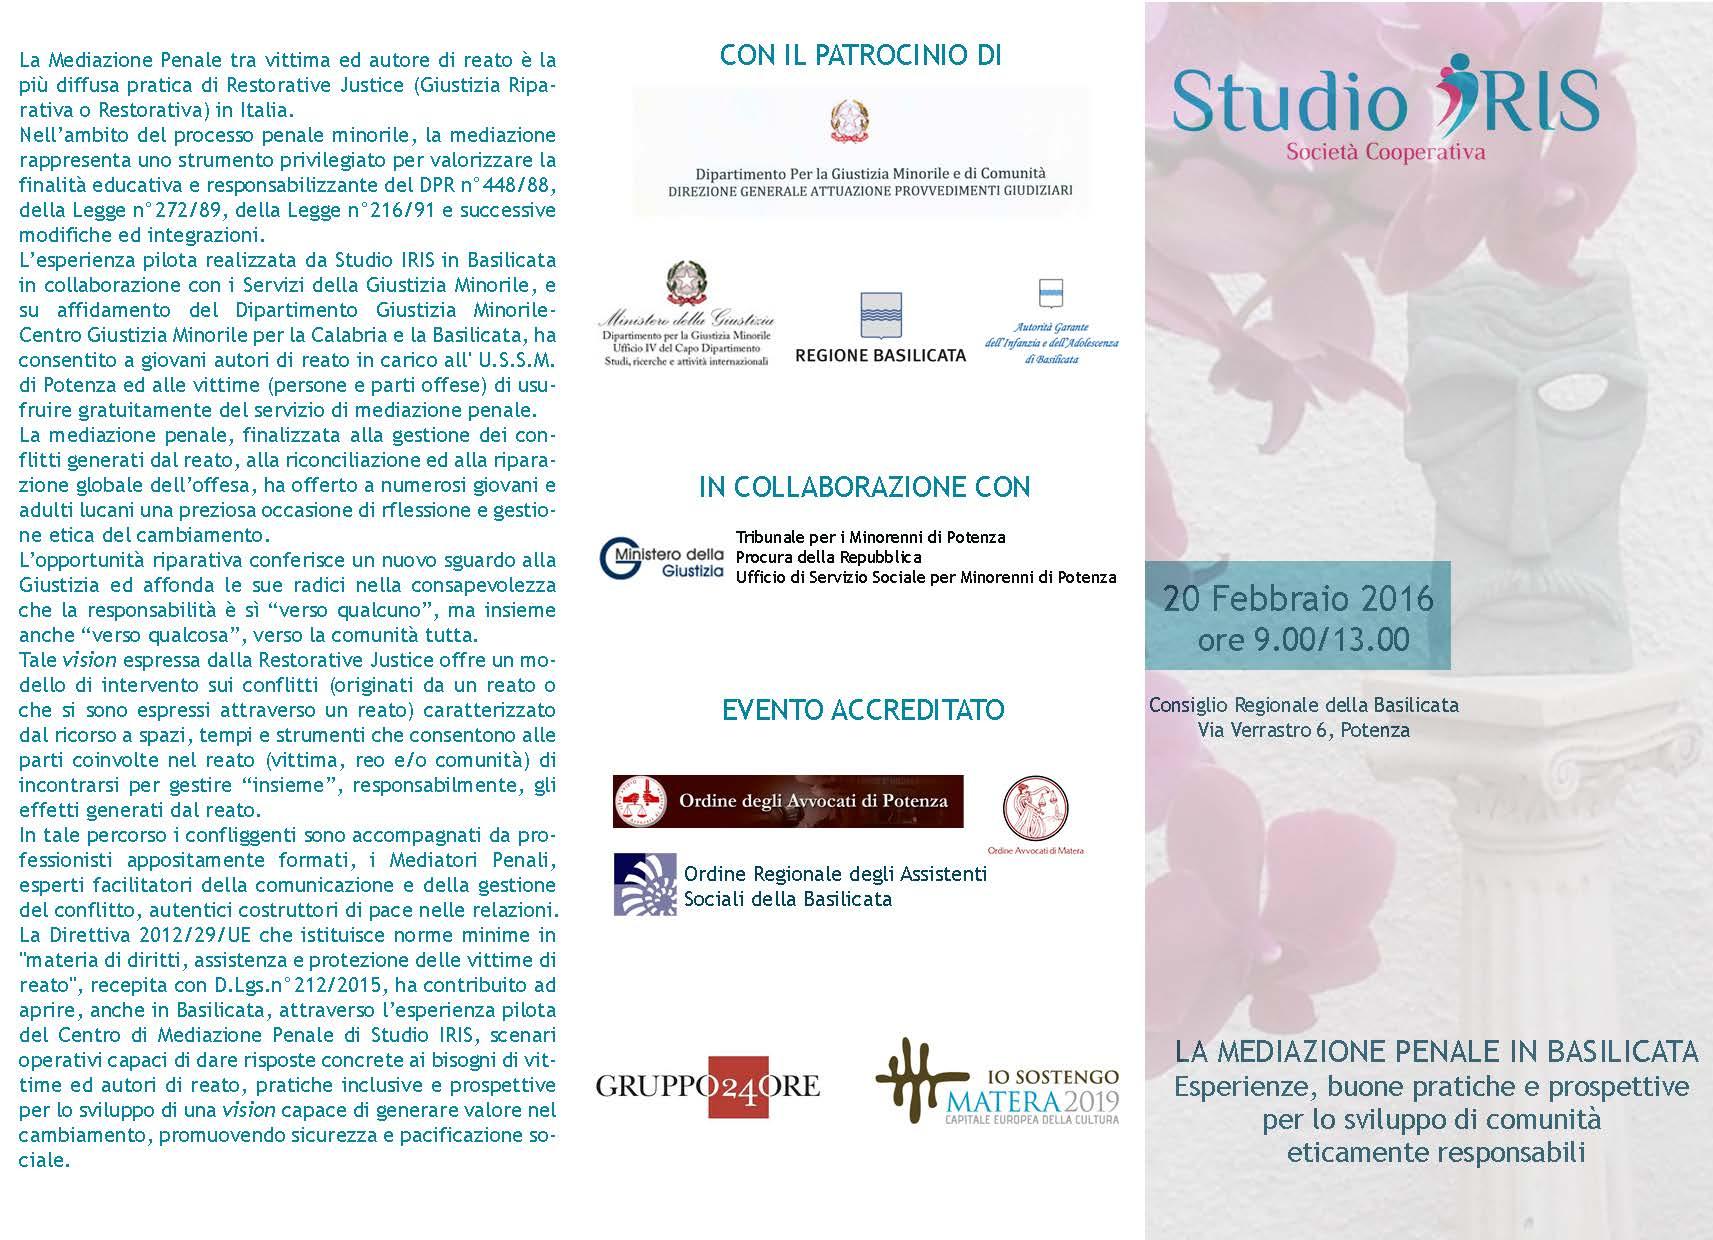 Brochure 20.2.2016 esterno